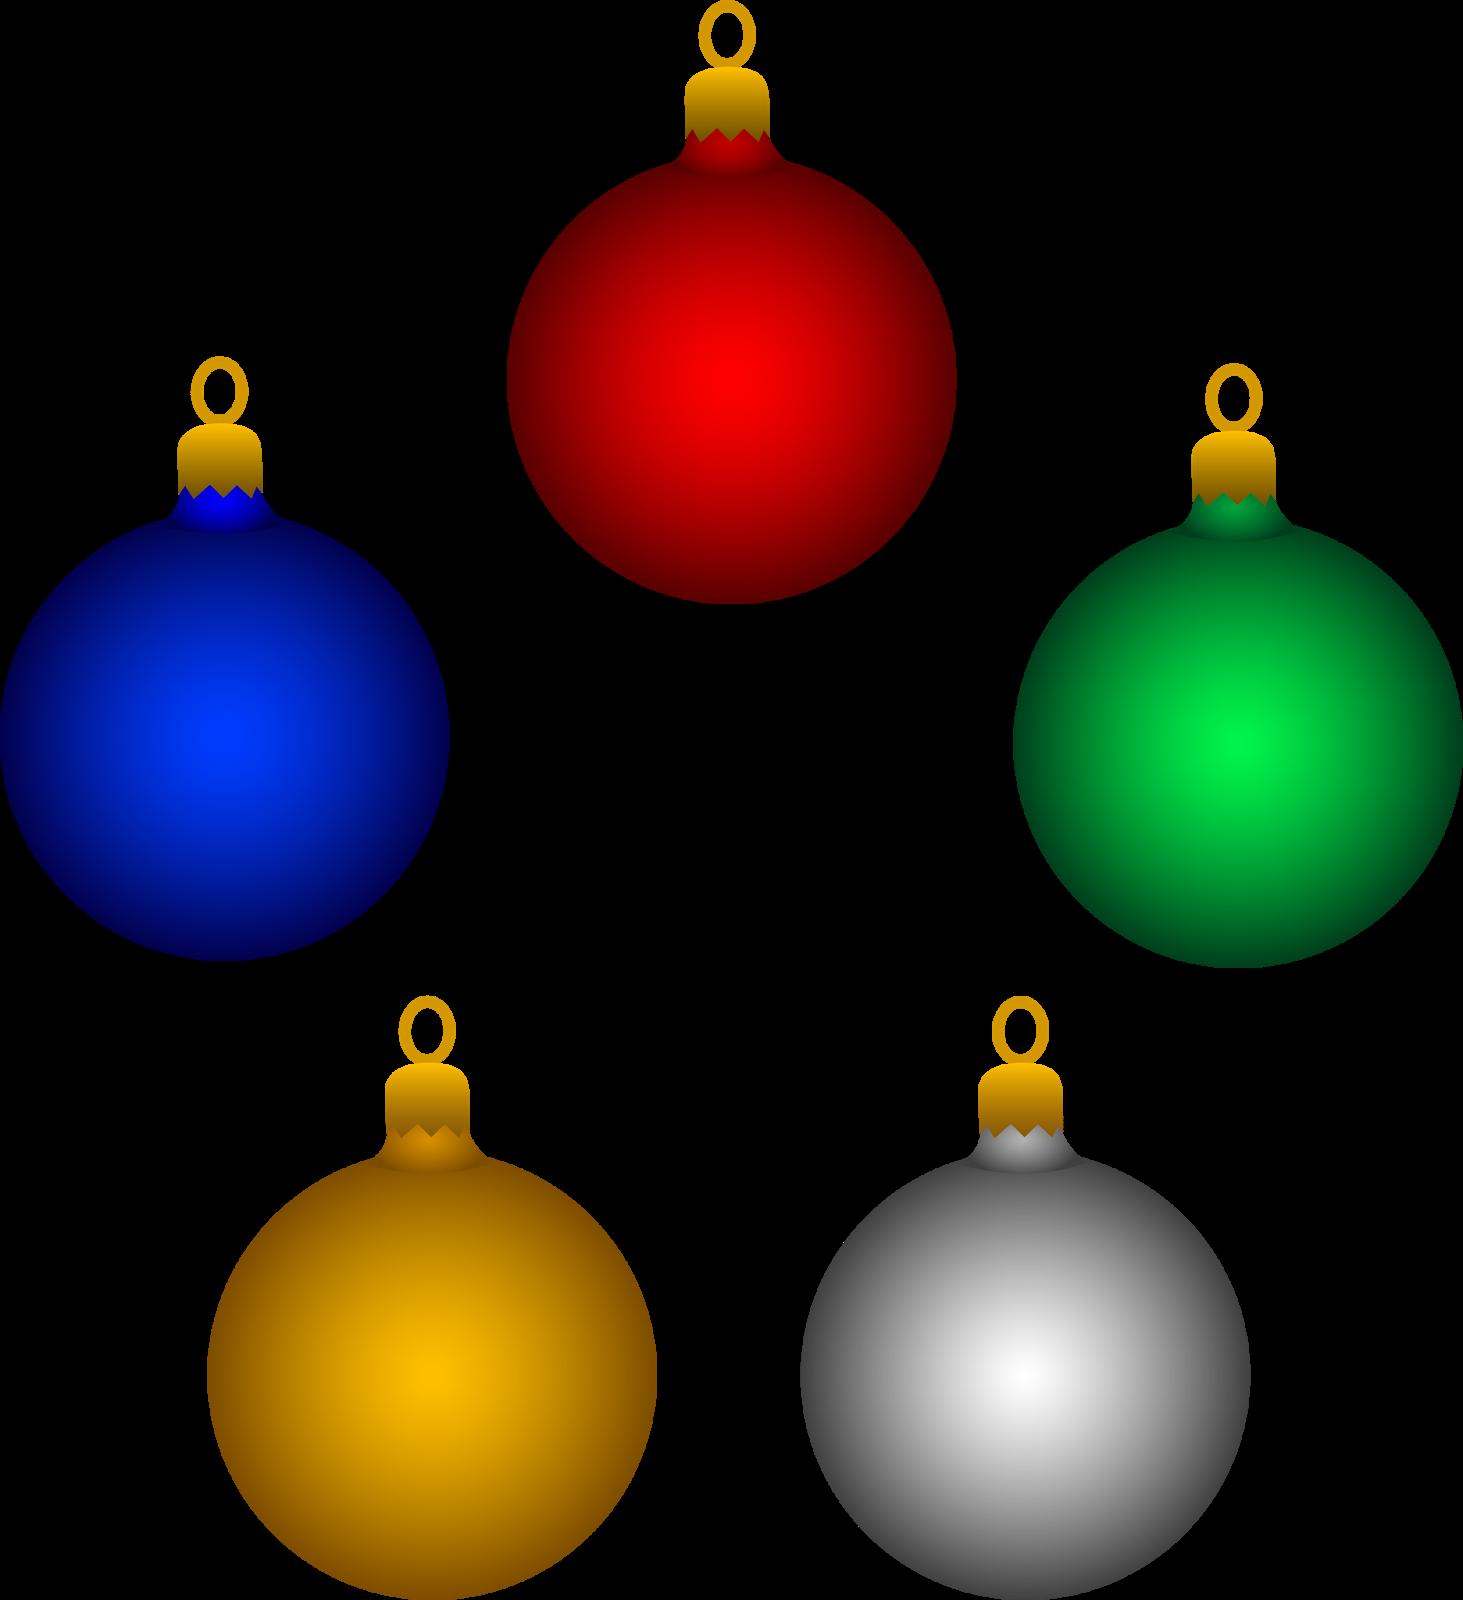 Christmas Lights Christmas Light Clipart 5 Clipartix Unique Christmas Ornaments Christmas Lights Clipart Ornaments Image